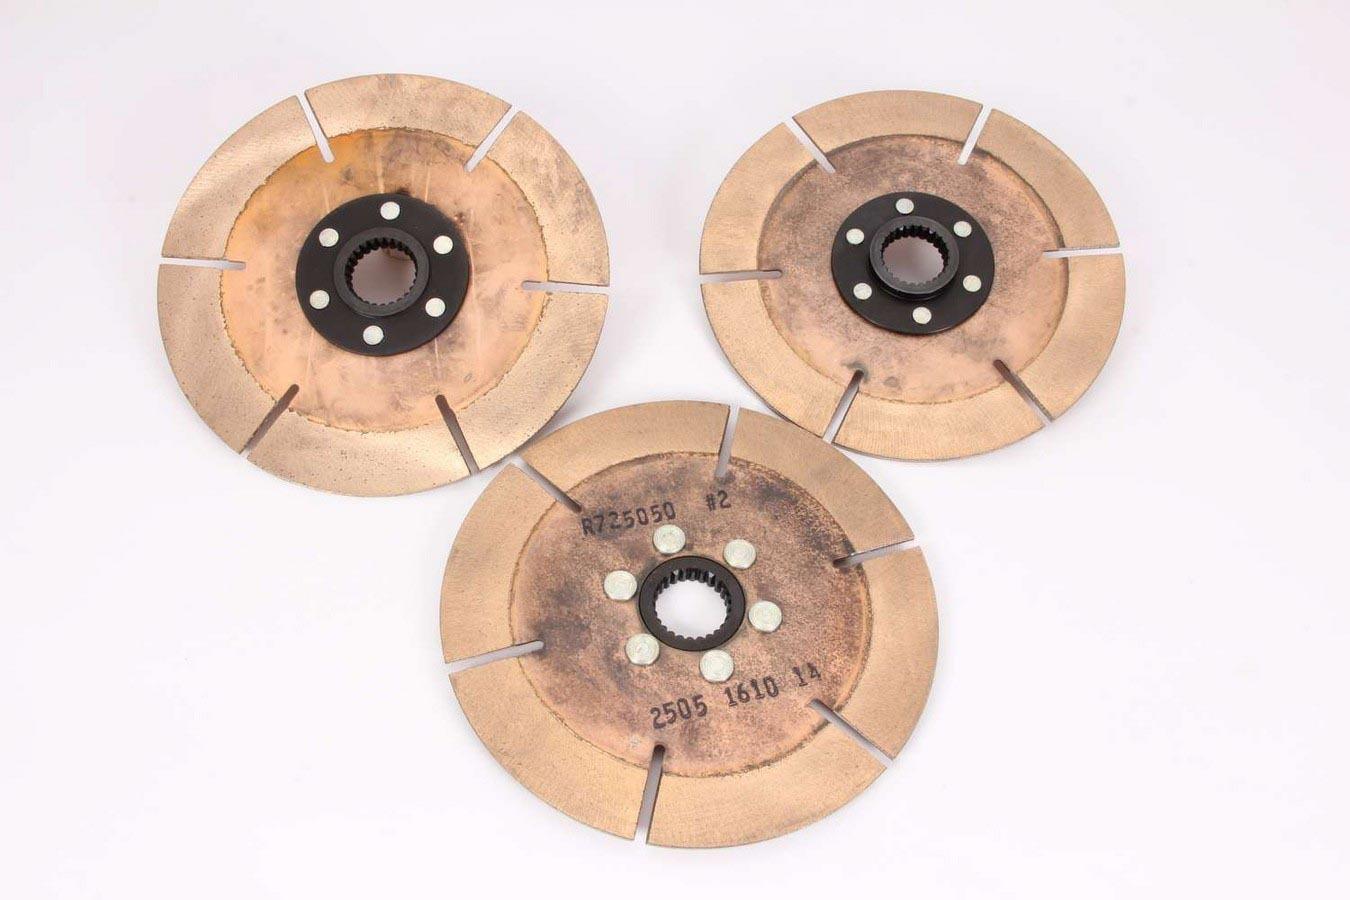 Ace Racing Clutches Clutch Pack 7.25in 3 Disc 26 Spline